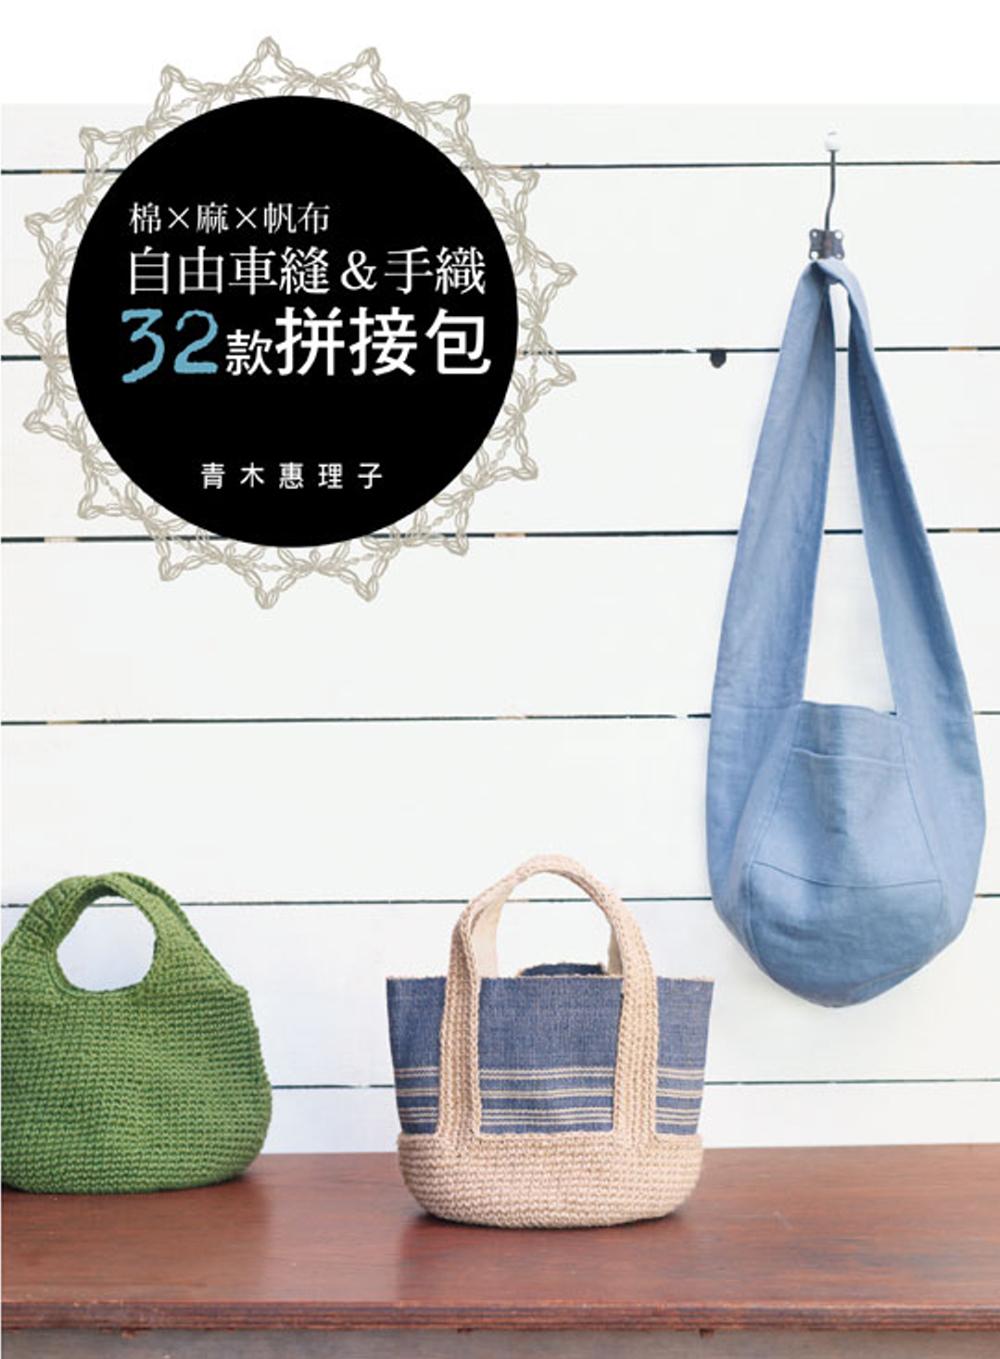 棉×麻×帆布:自由車縫 手織32款拼接包